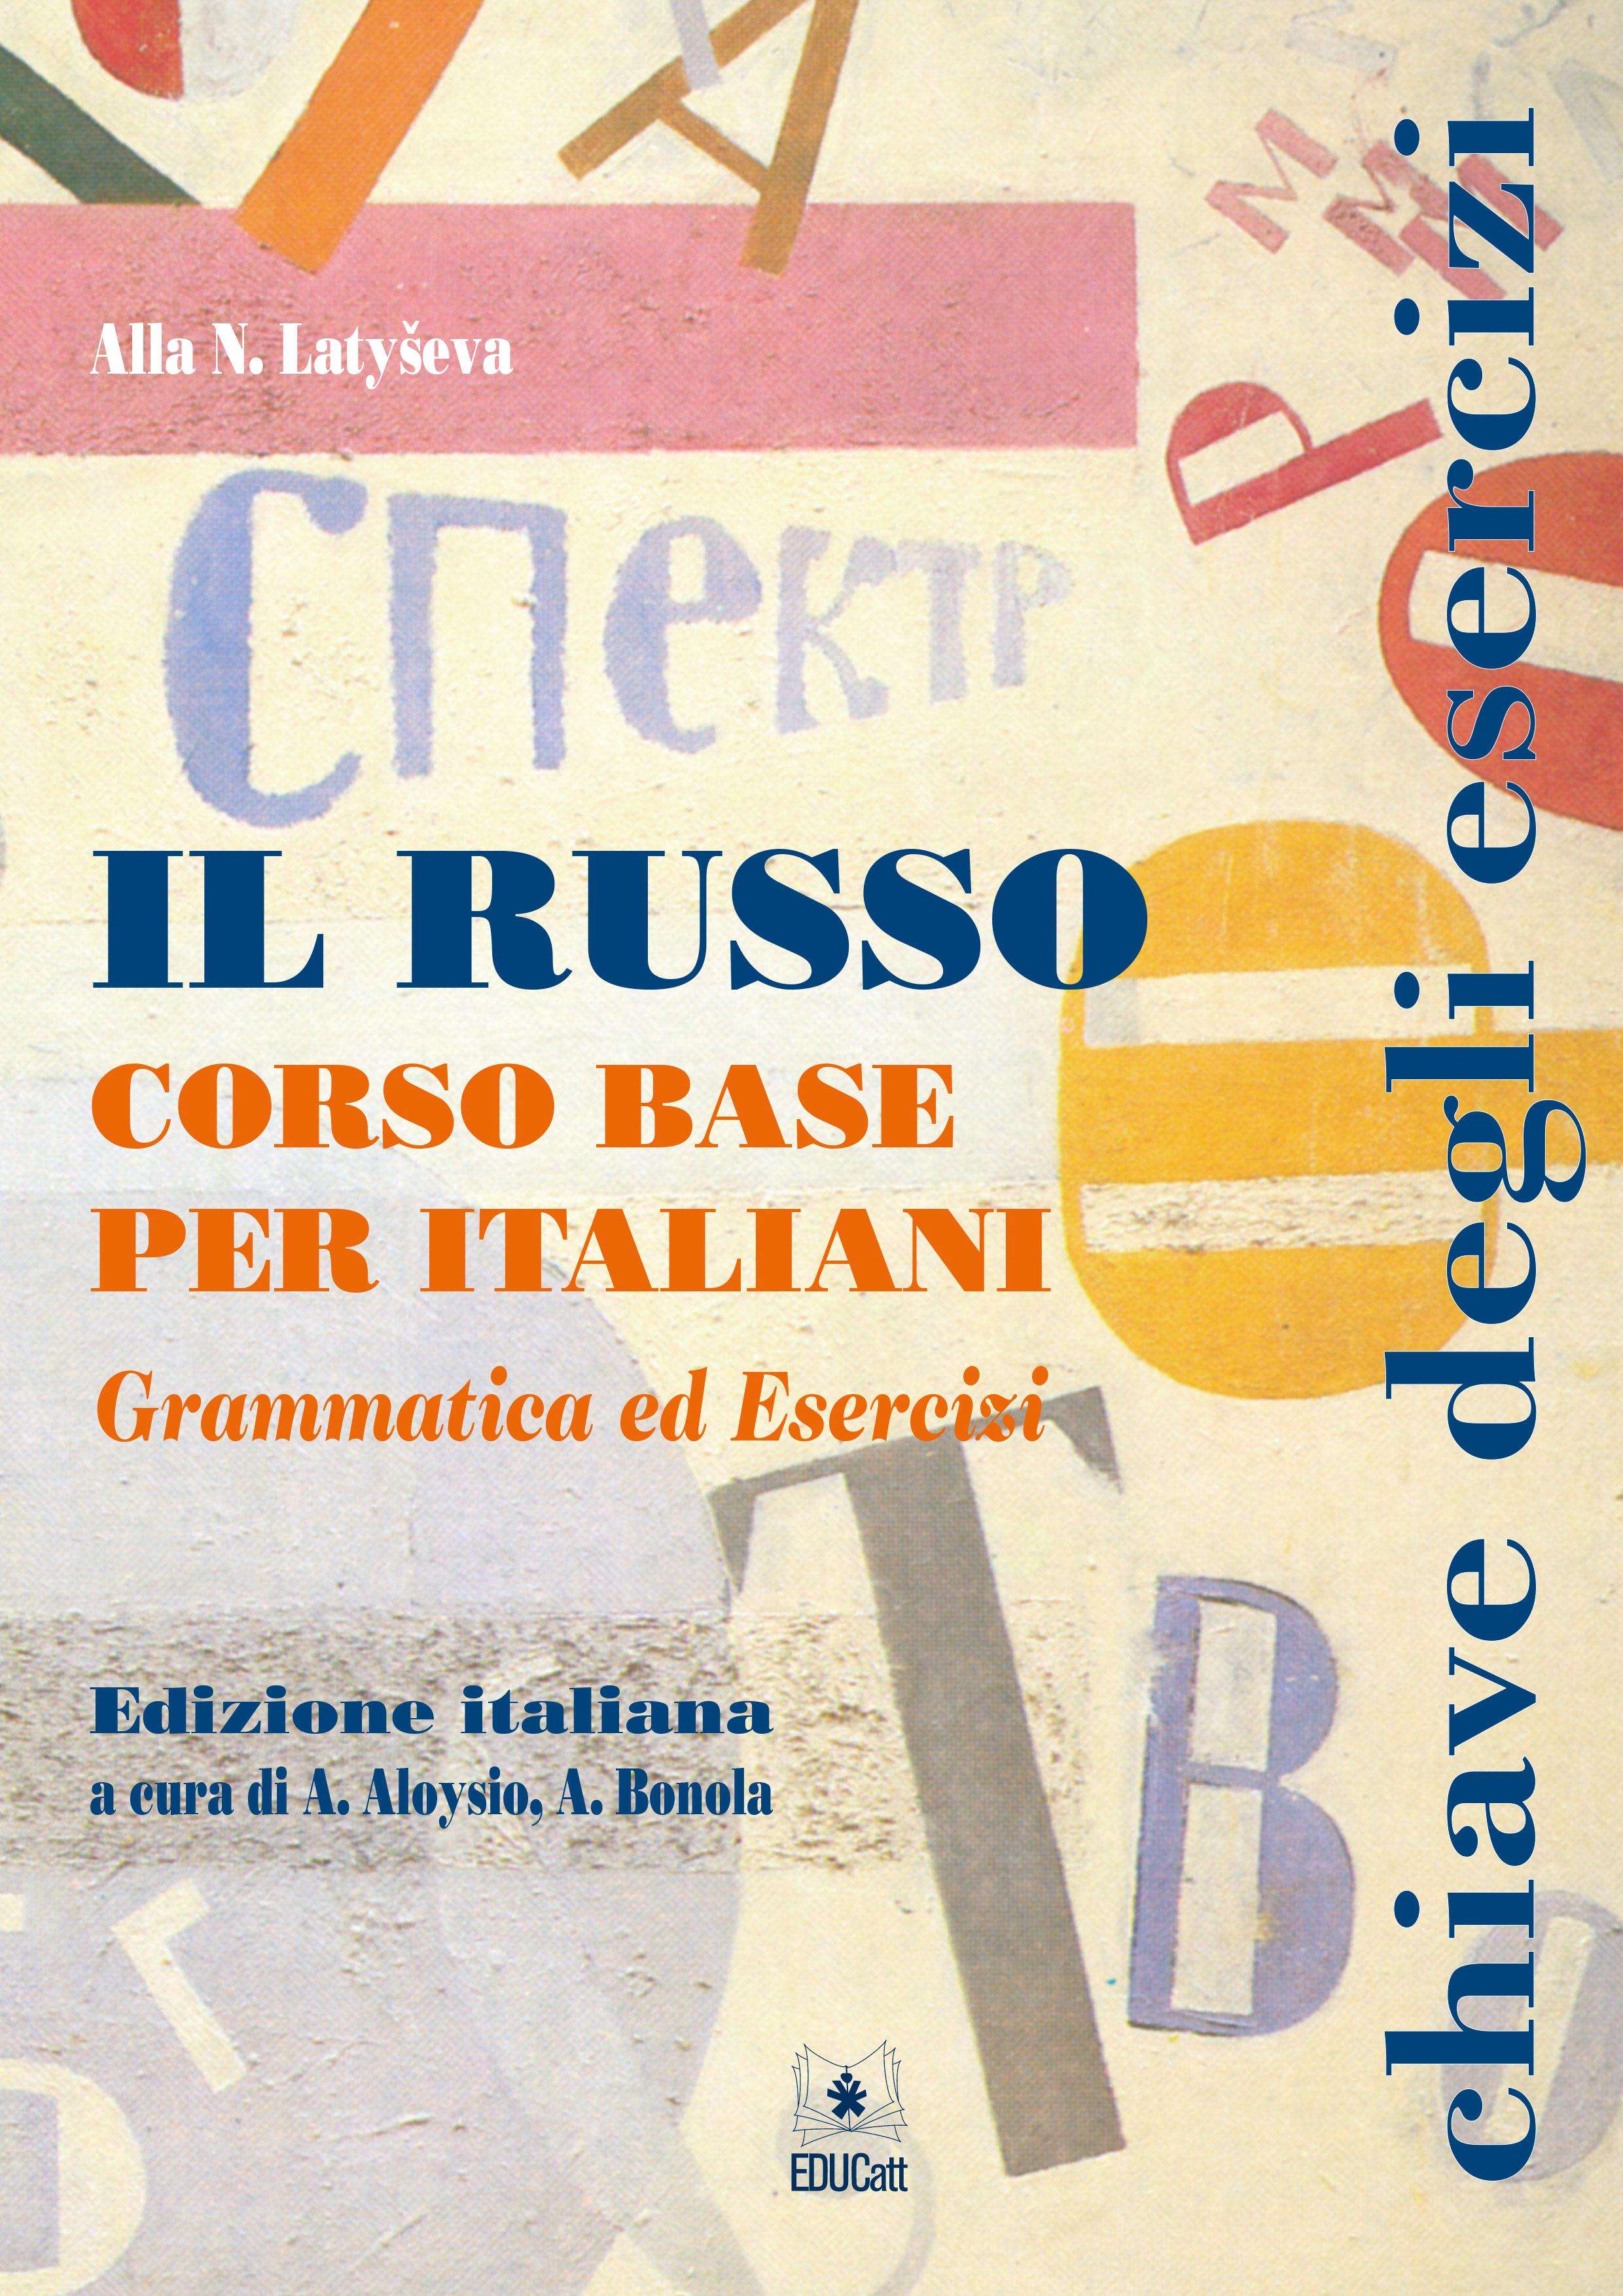 IL RUSSO CORSO BASE PER ITALIANI GRAMMATICA ED ESERCIZI -- CHIAVE DEGLI ESERCIZI